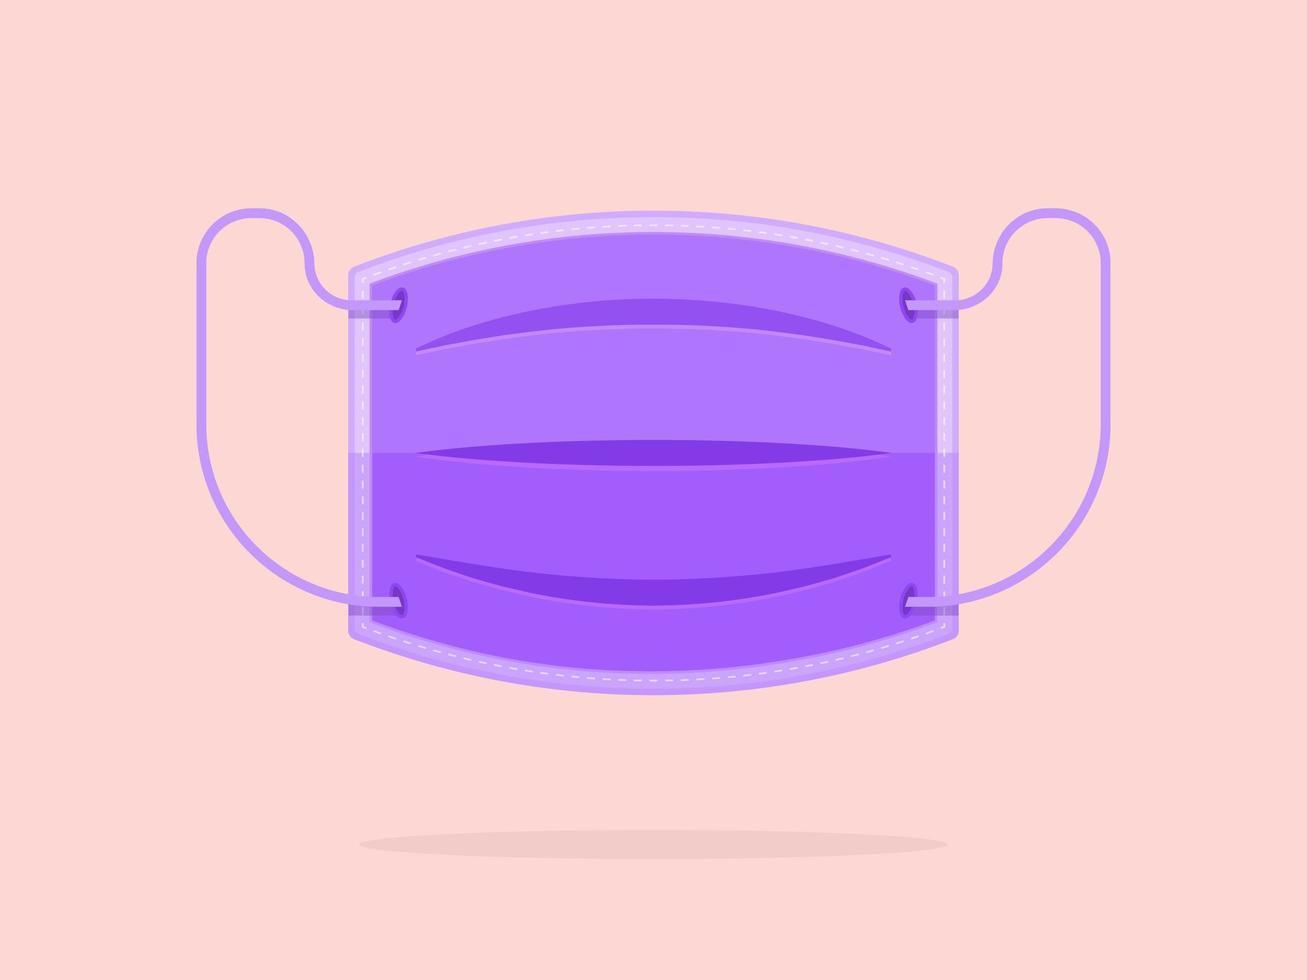 lila wegwerp medisch gezichtsmasker vector